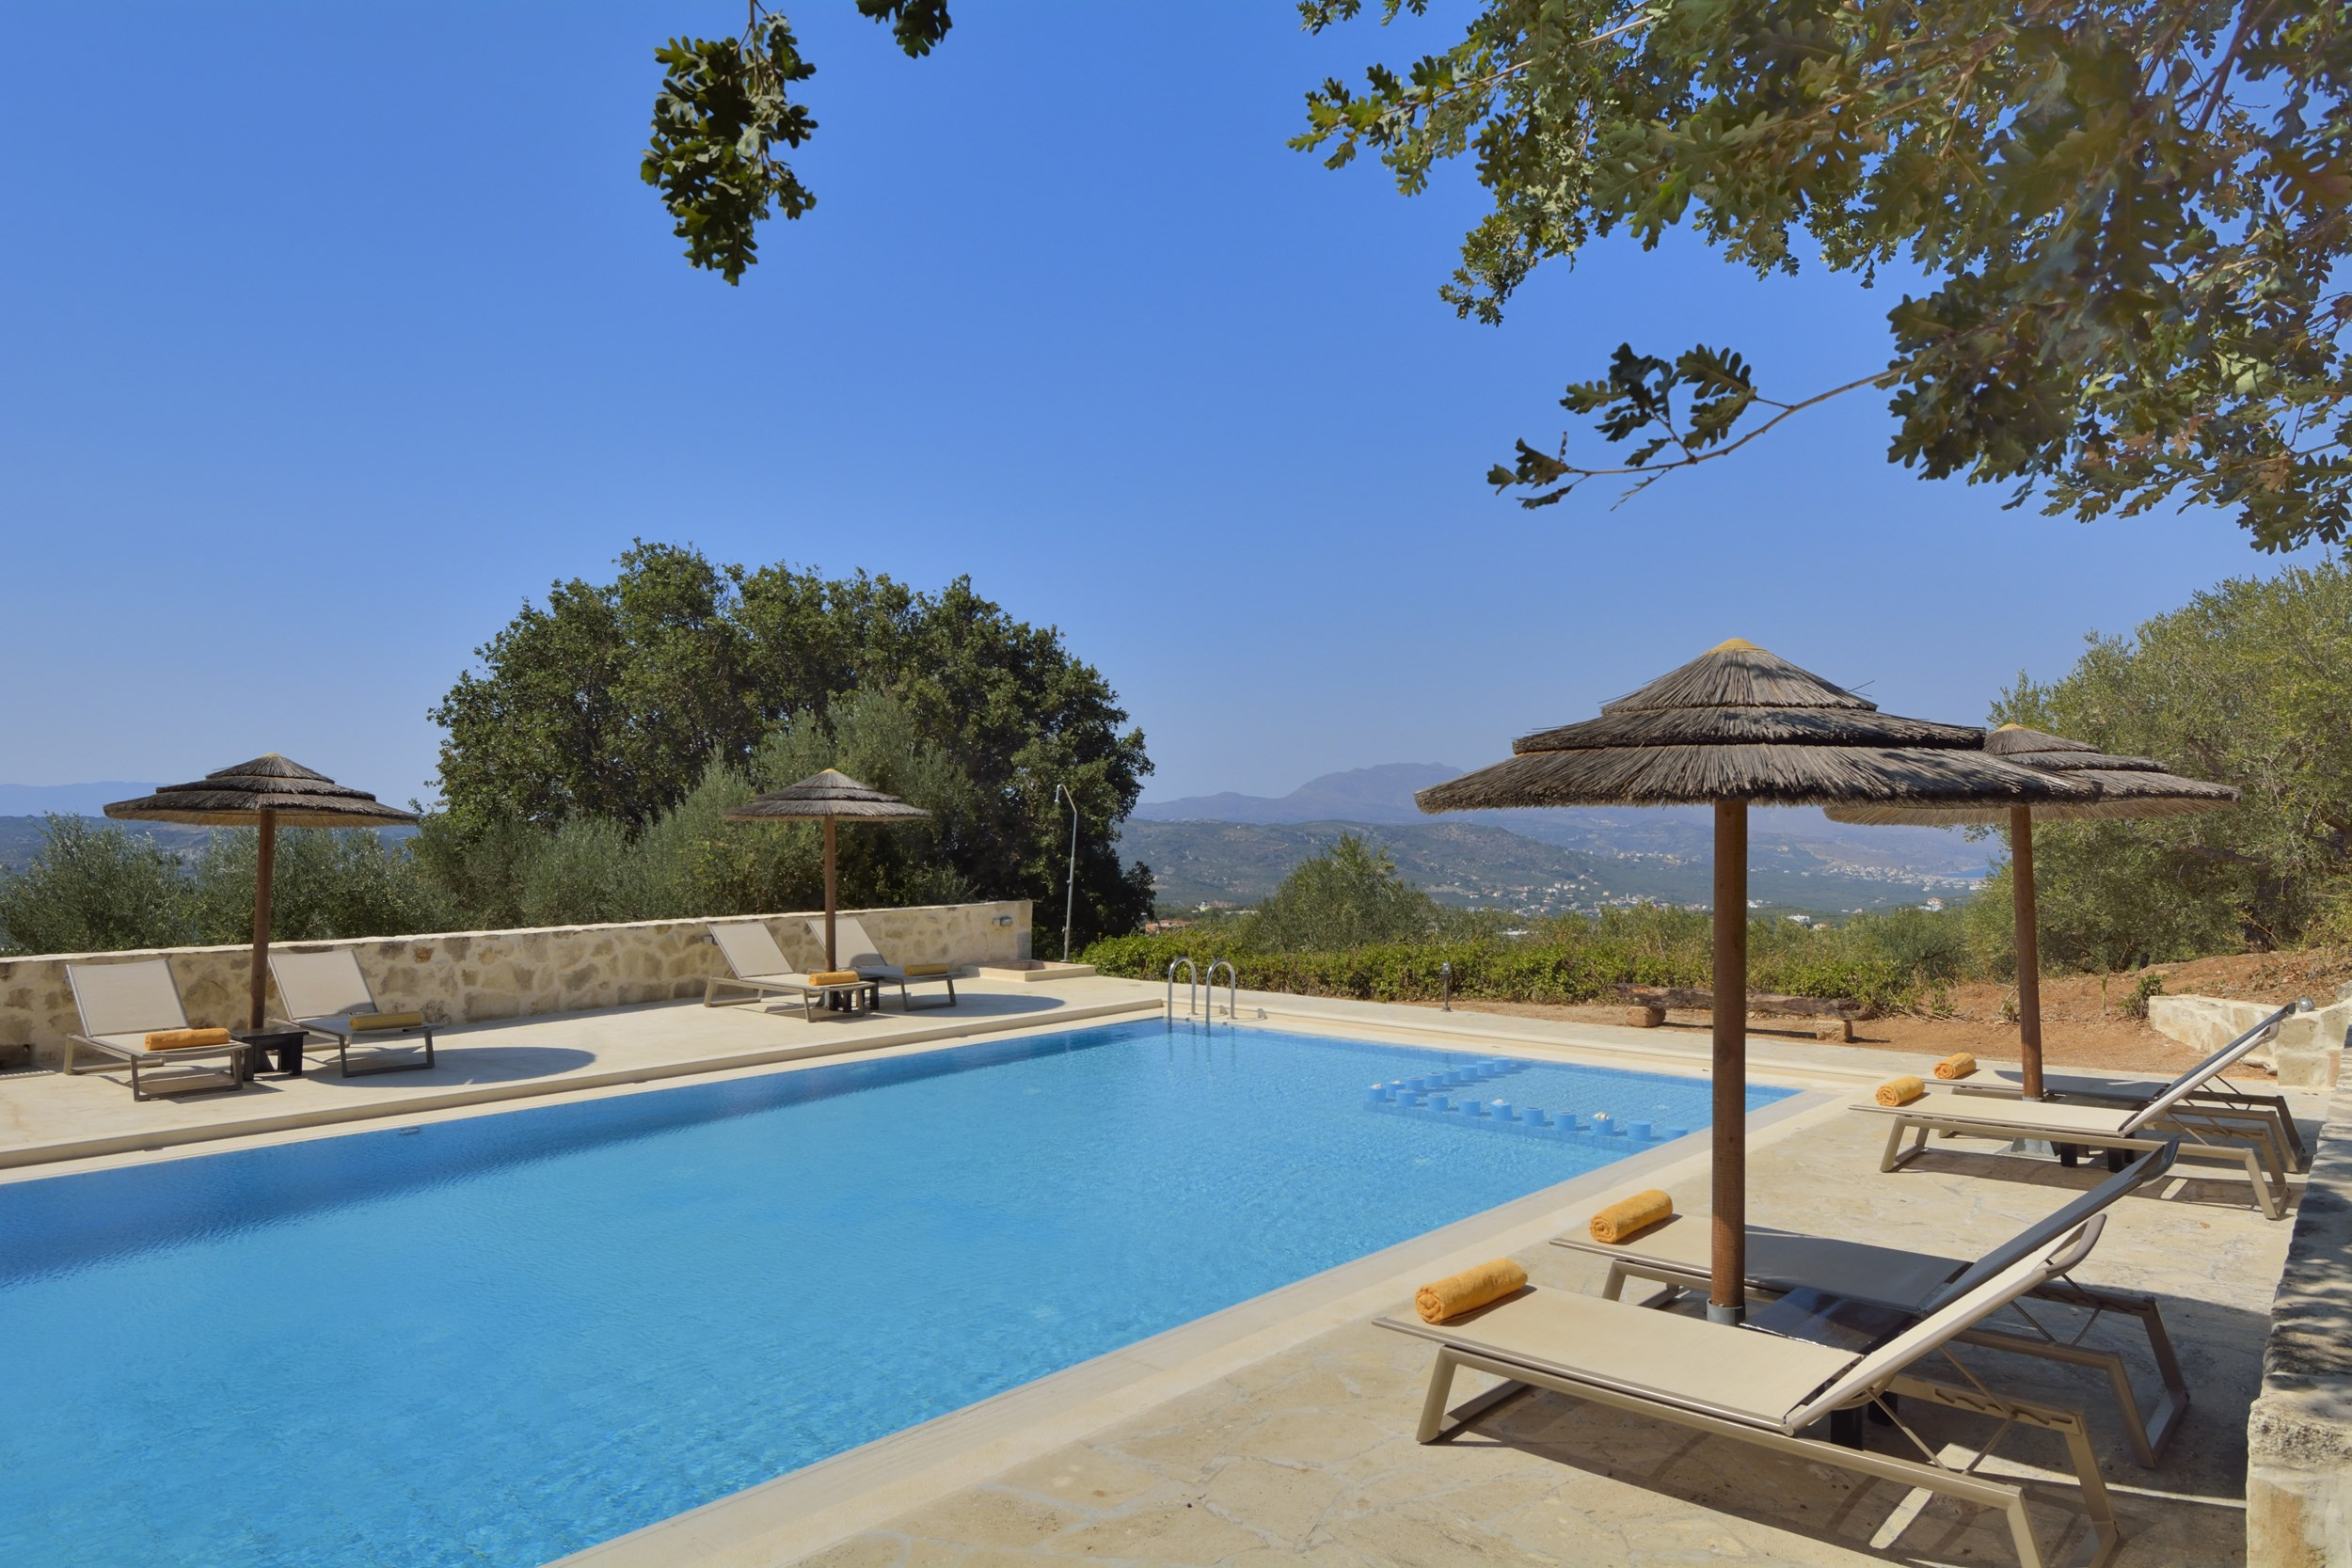 Ferienwohnung Traditionelles Gstehaus zum Entspannen und Verjngen (2655876), Spilia, Kreta Nordküste, Kreta, Griechenland, Bild 11